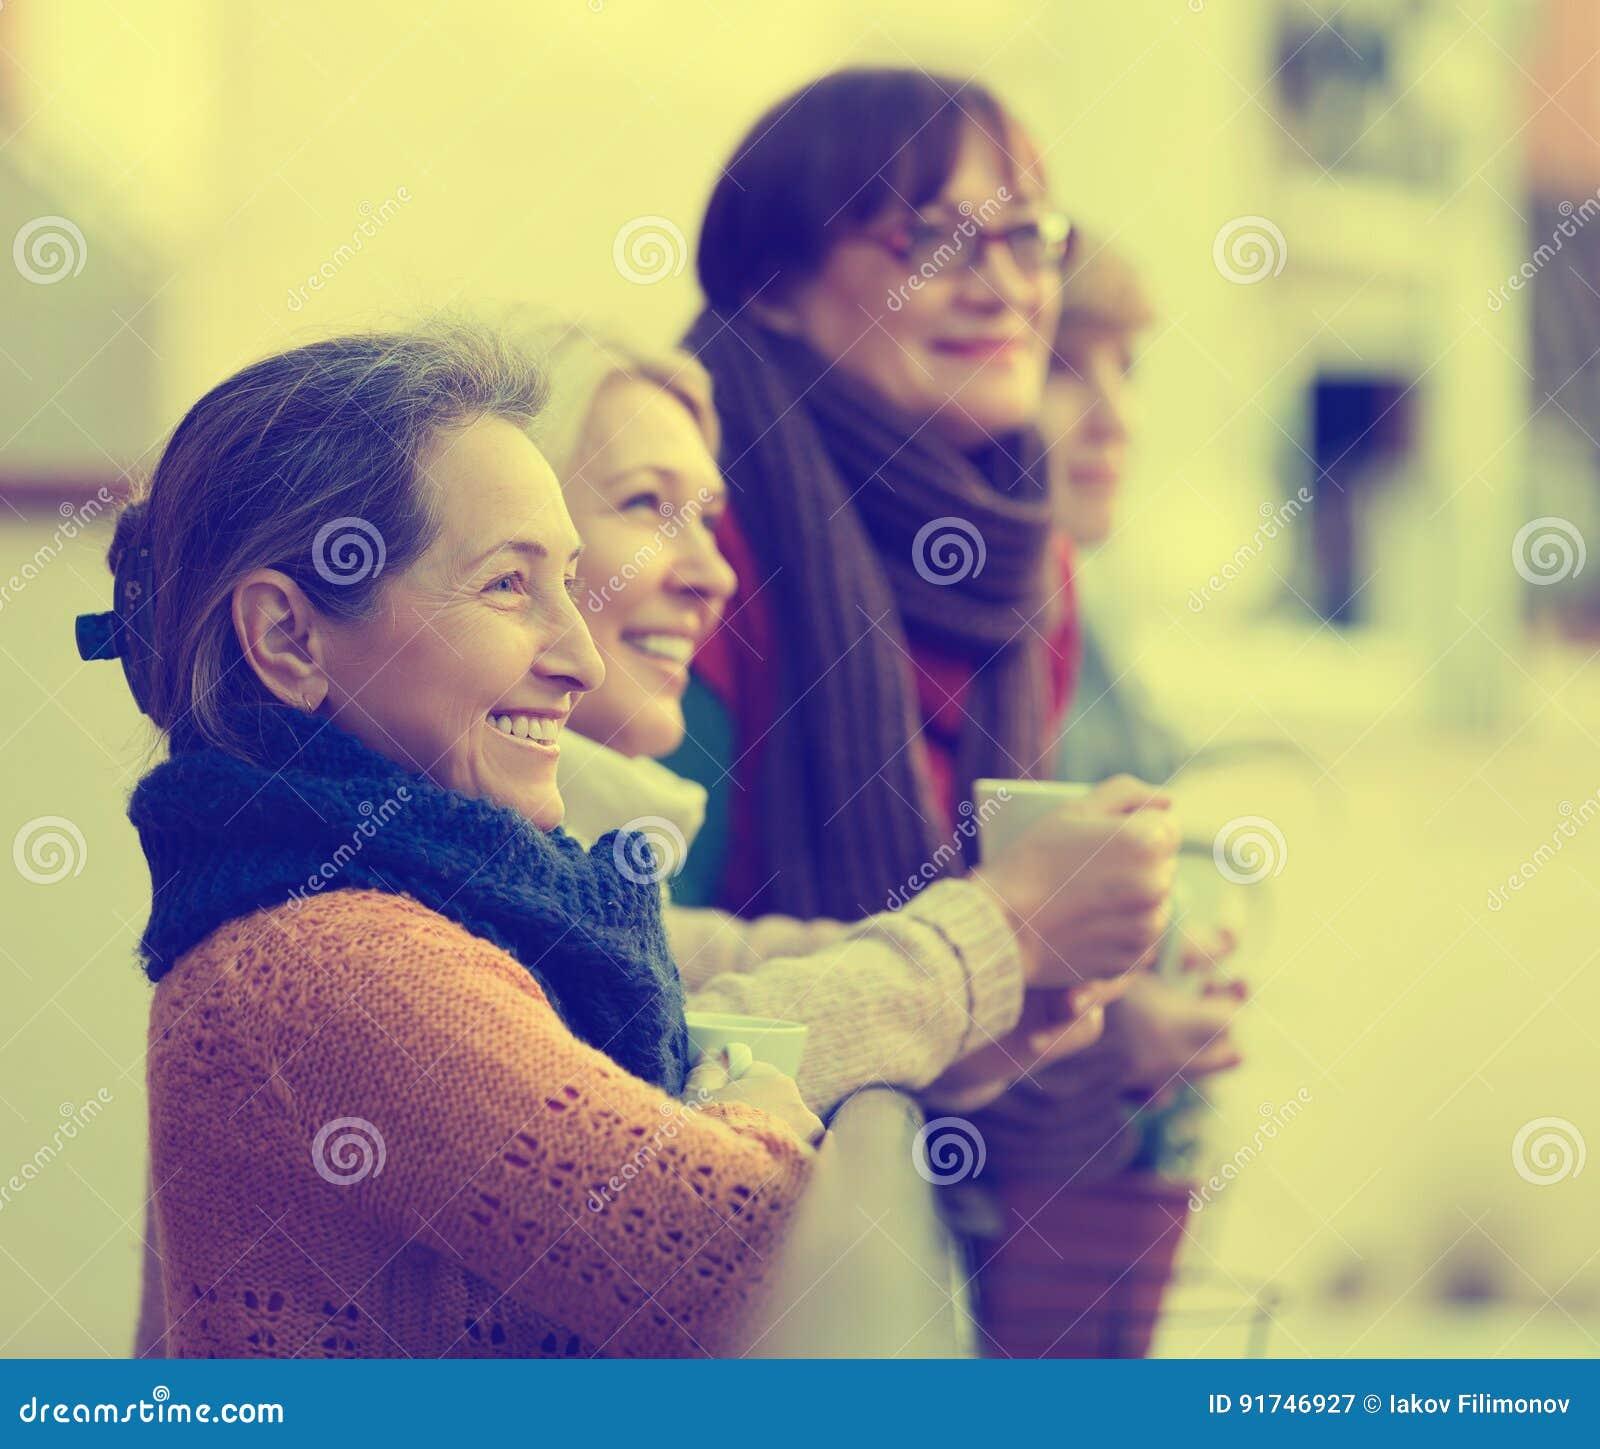 Female friends on summer terrace